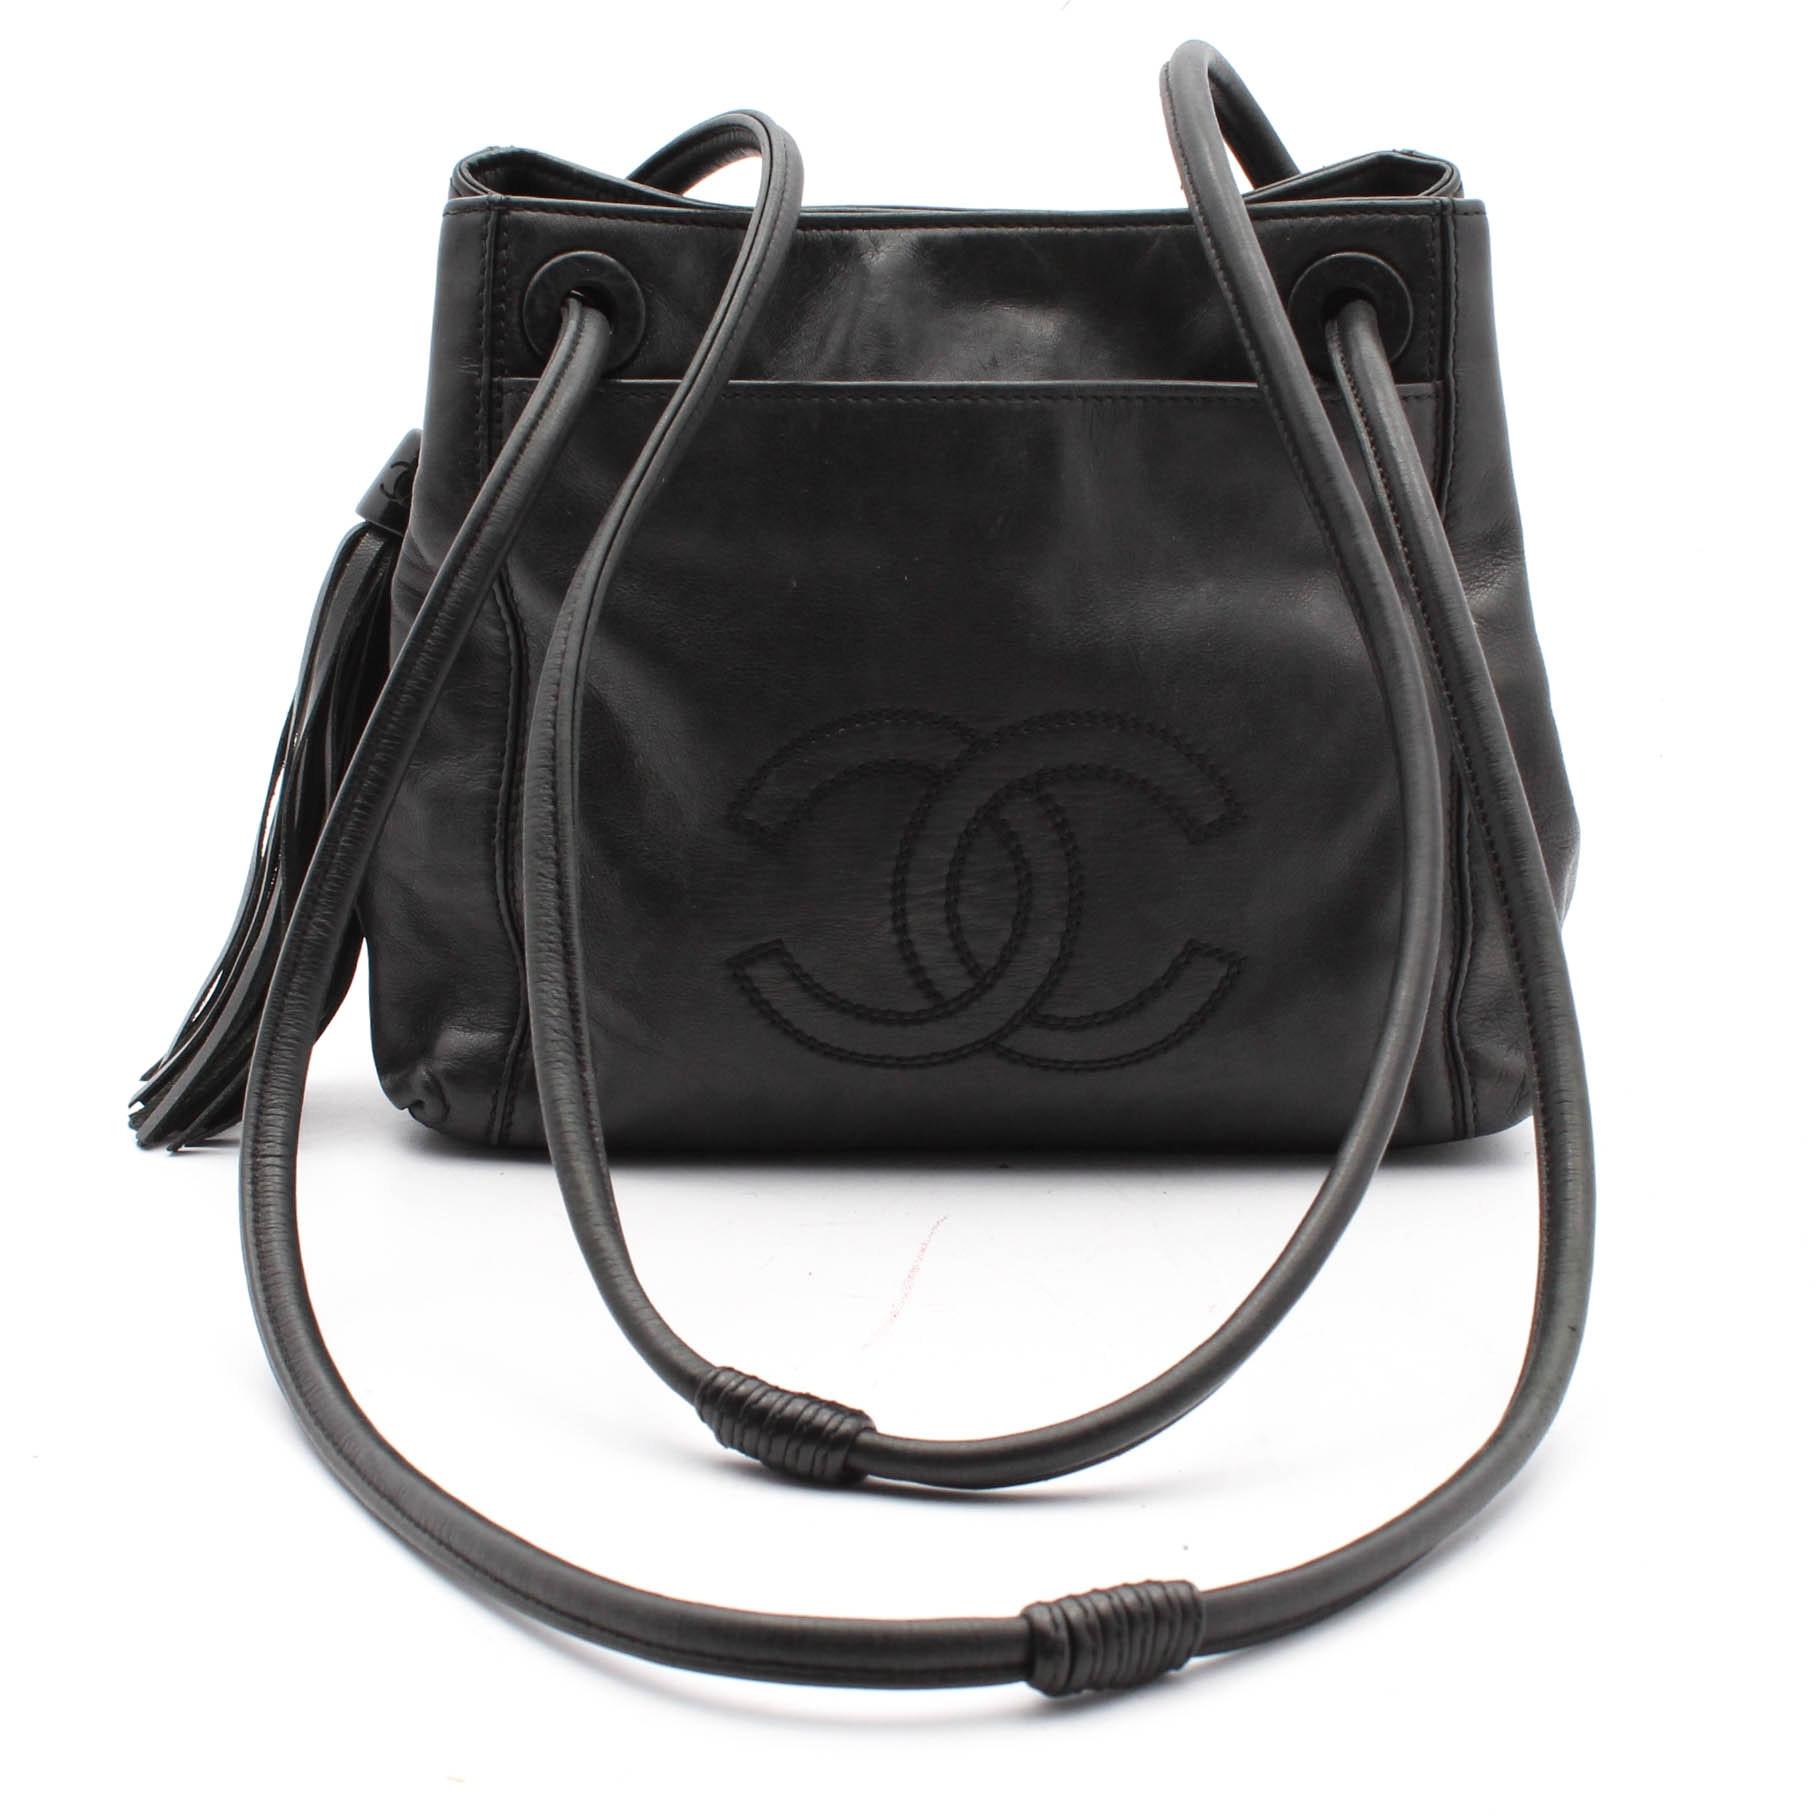 Vintage Chanel Black Lambskin Leather Tasseled Shoulder Bag